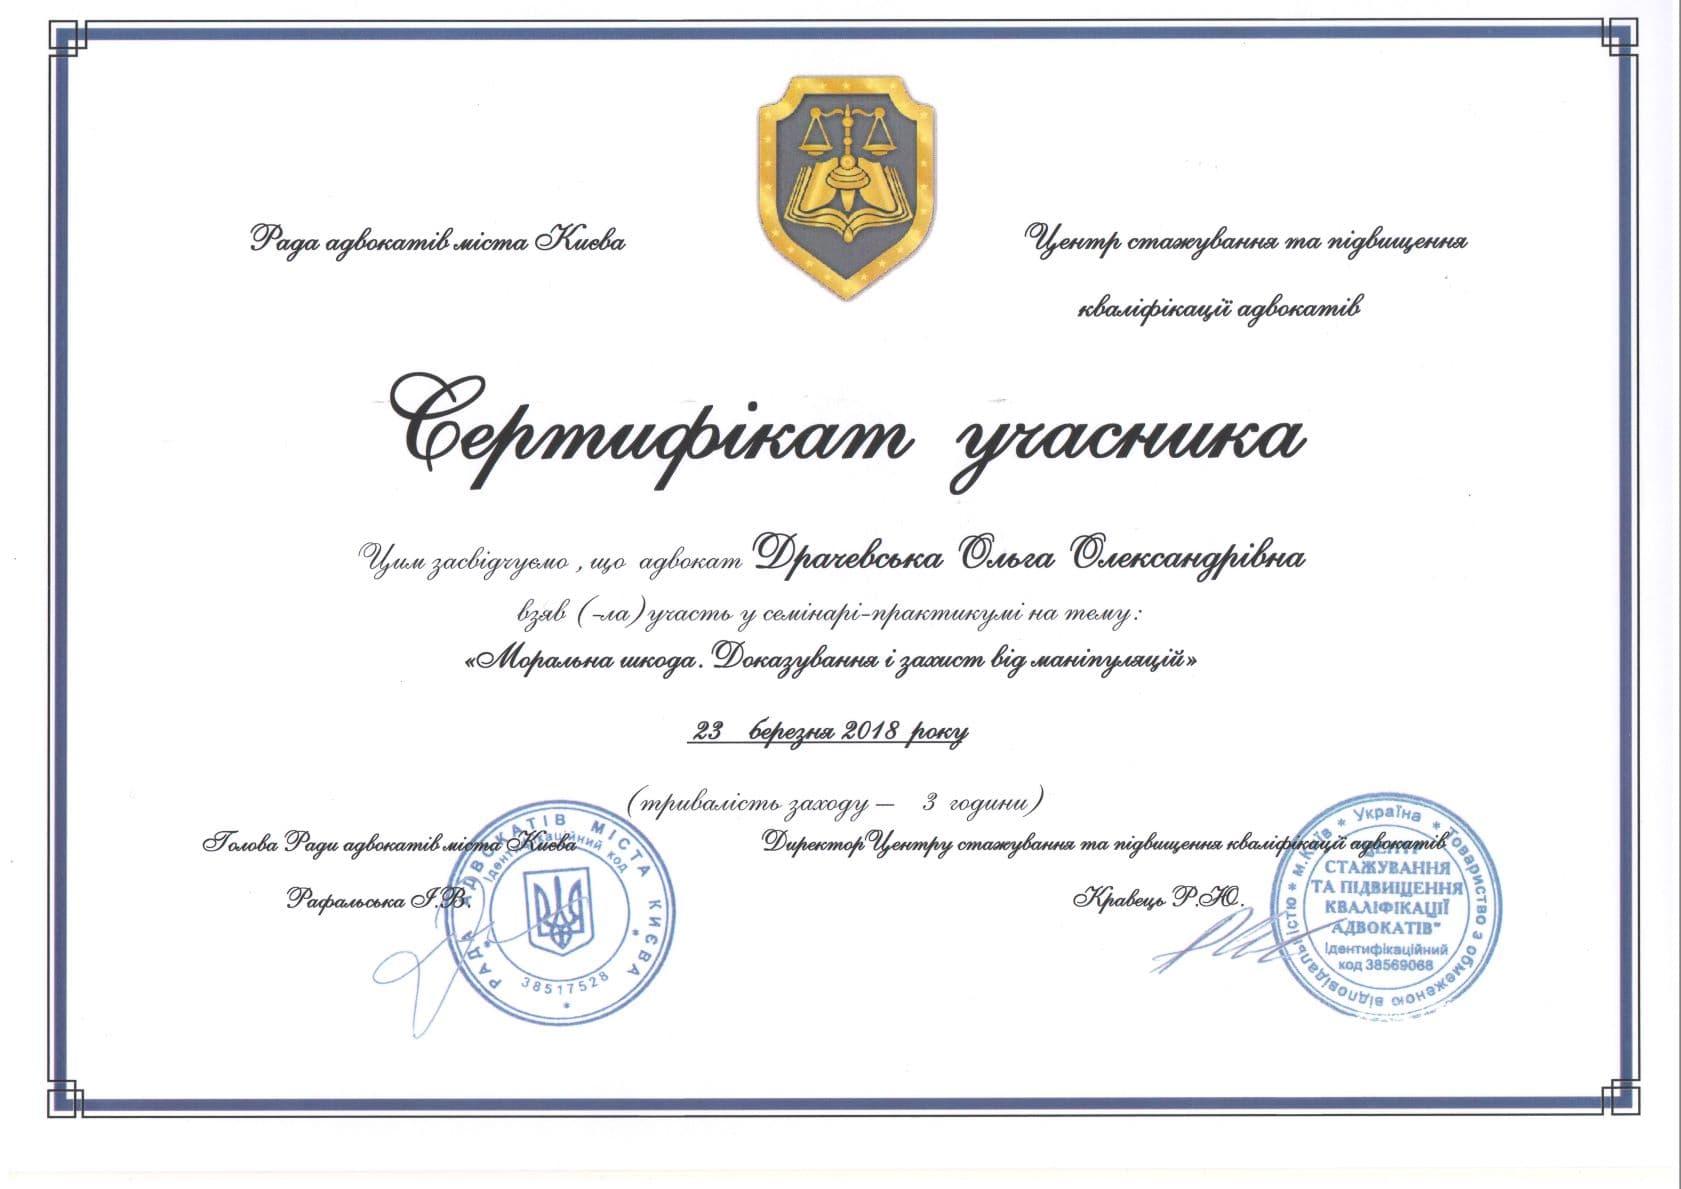 Drachevska Olga, Ольга Драчевская